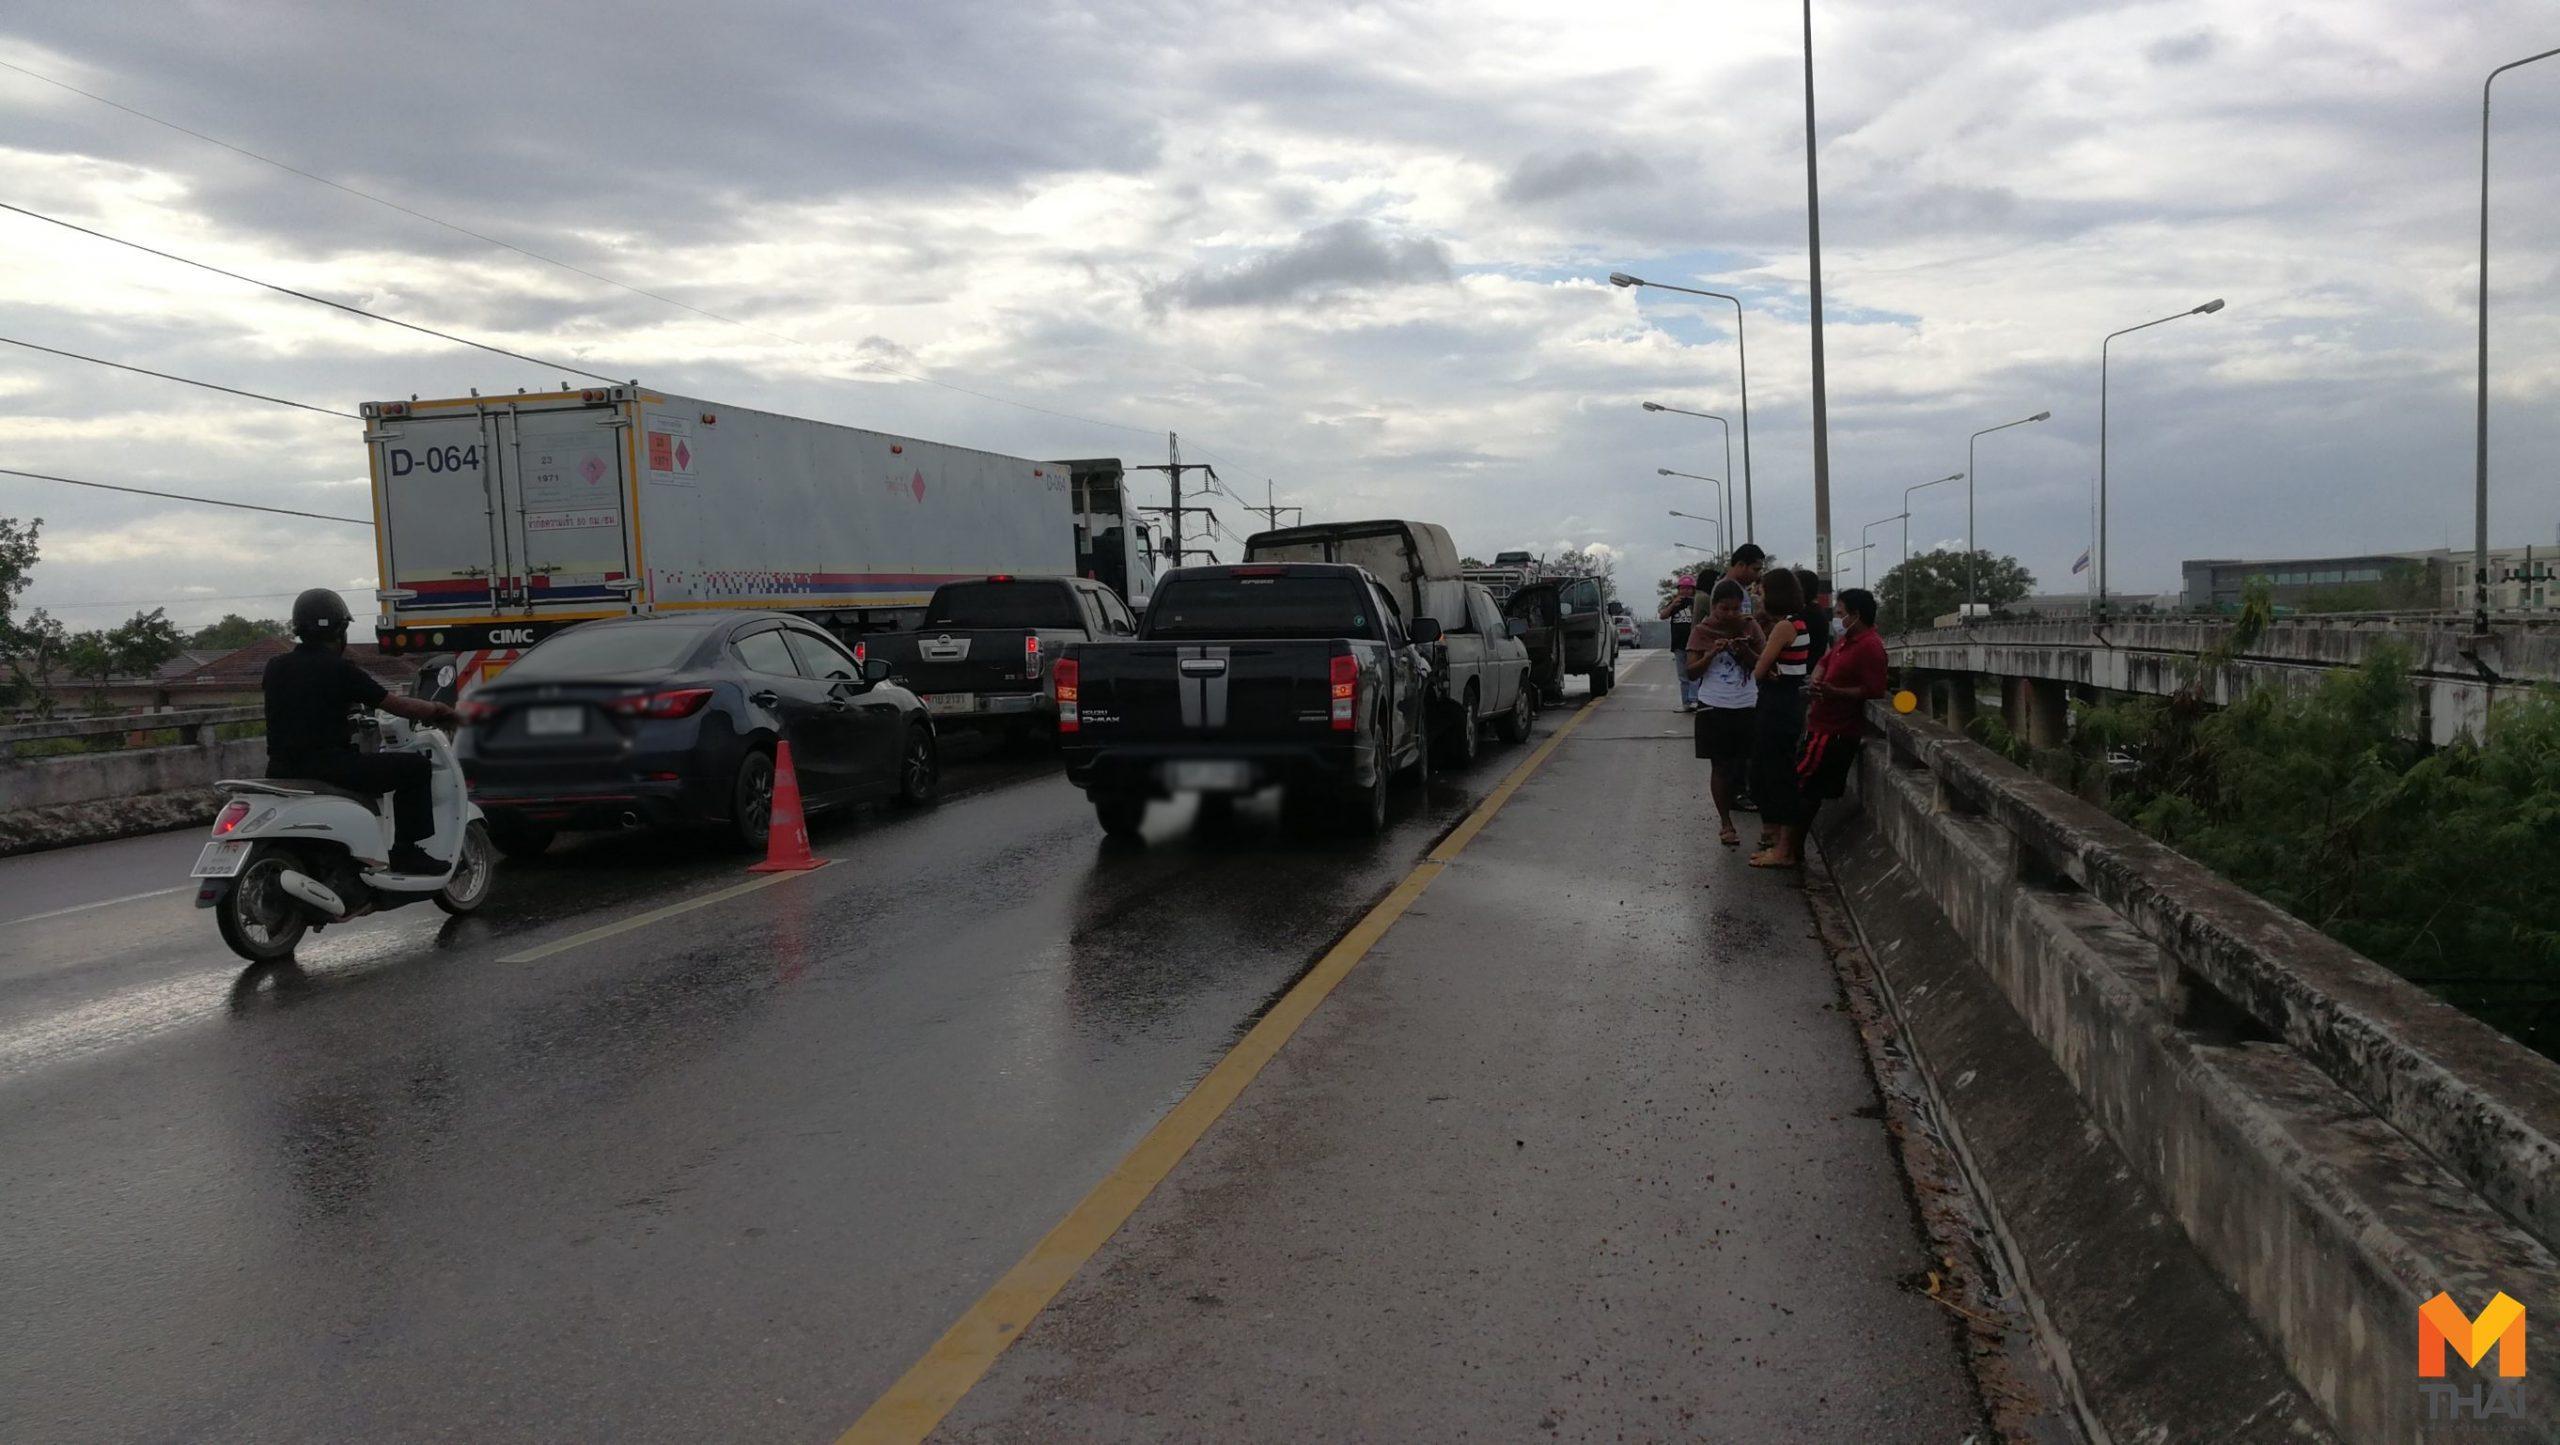 ข่าวภูมิภาค รถชนกัน 7 คัน สงขลา อุบัติเหตุ